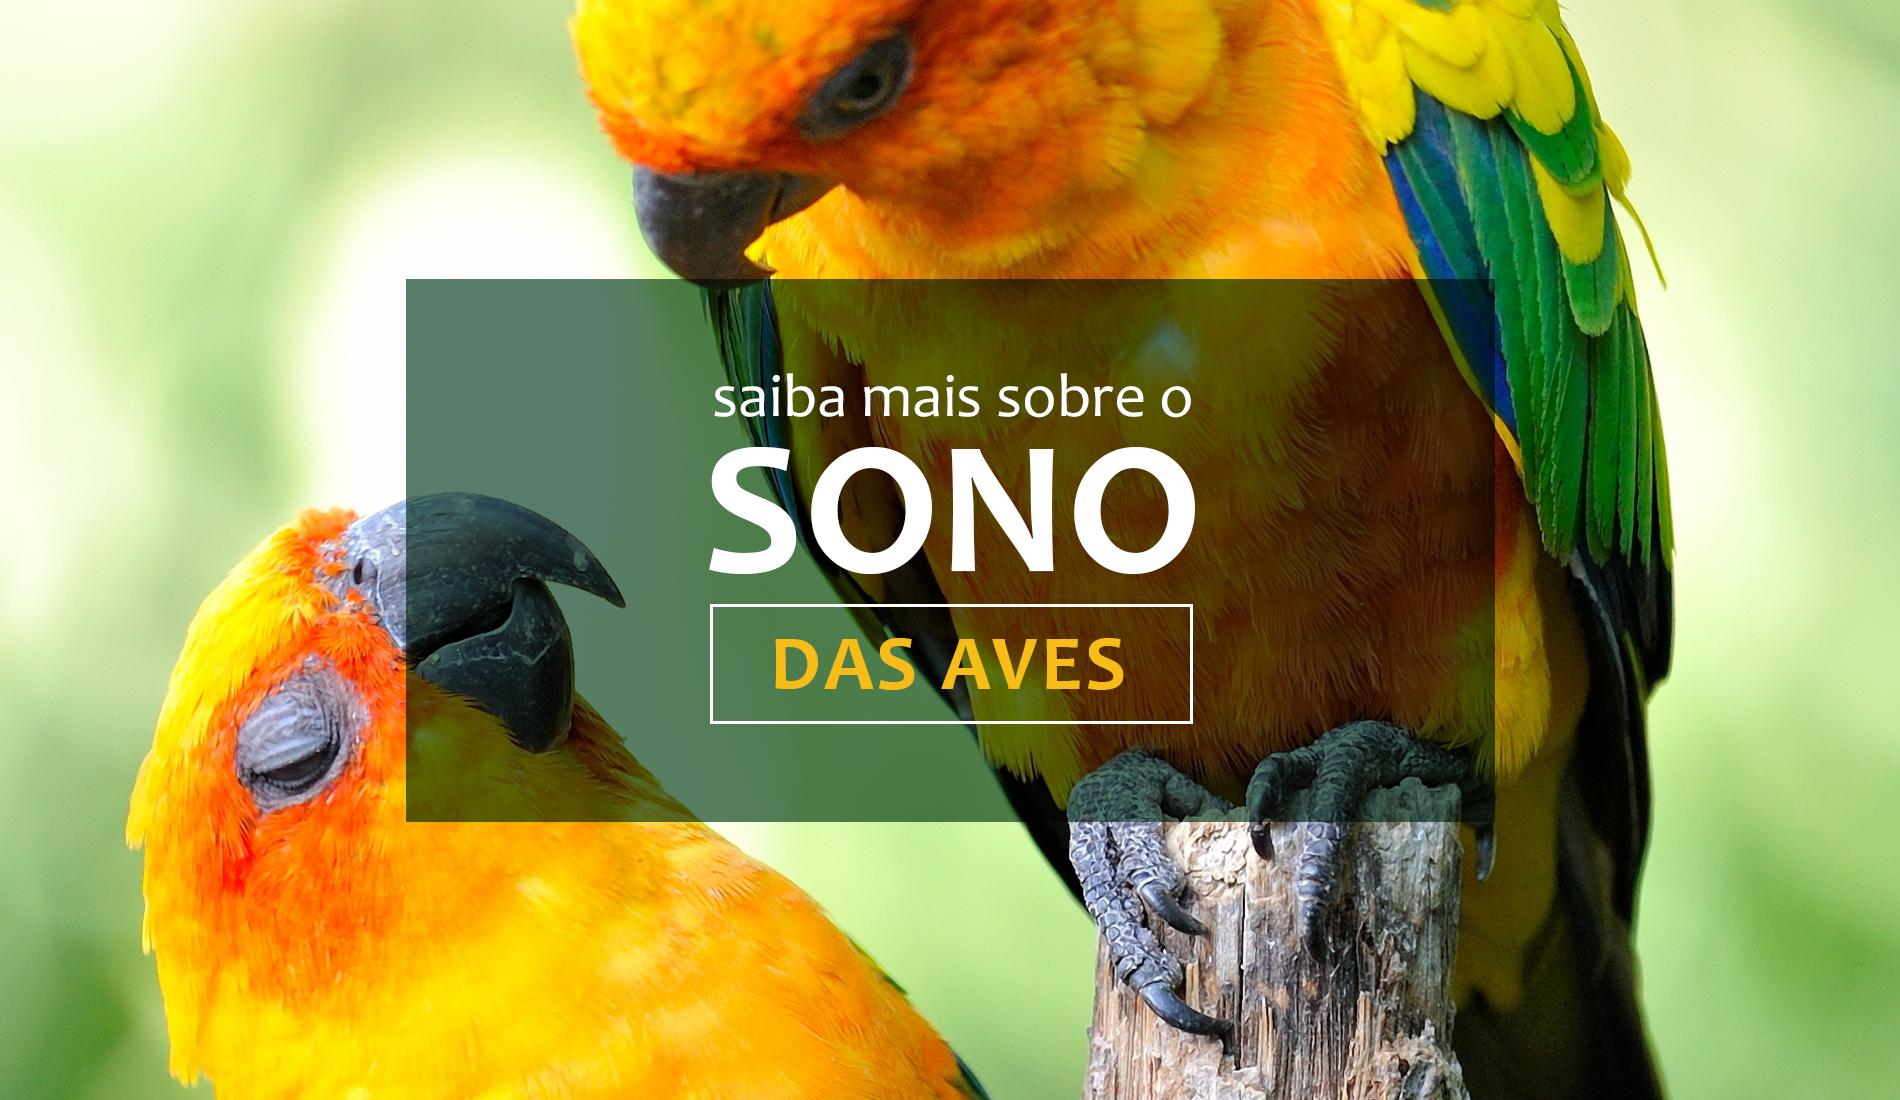 Veja mais informações sobre o sono das aves